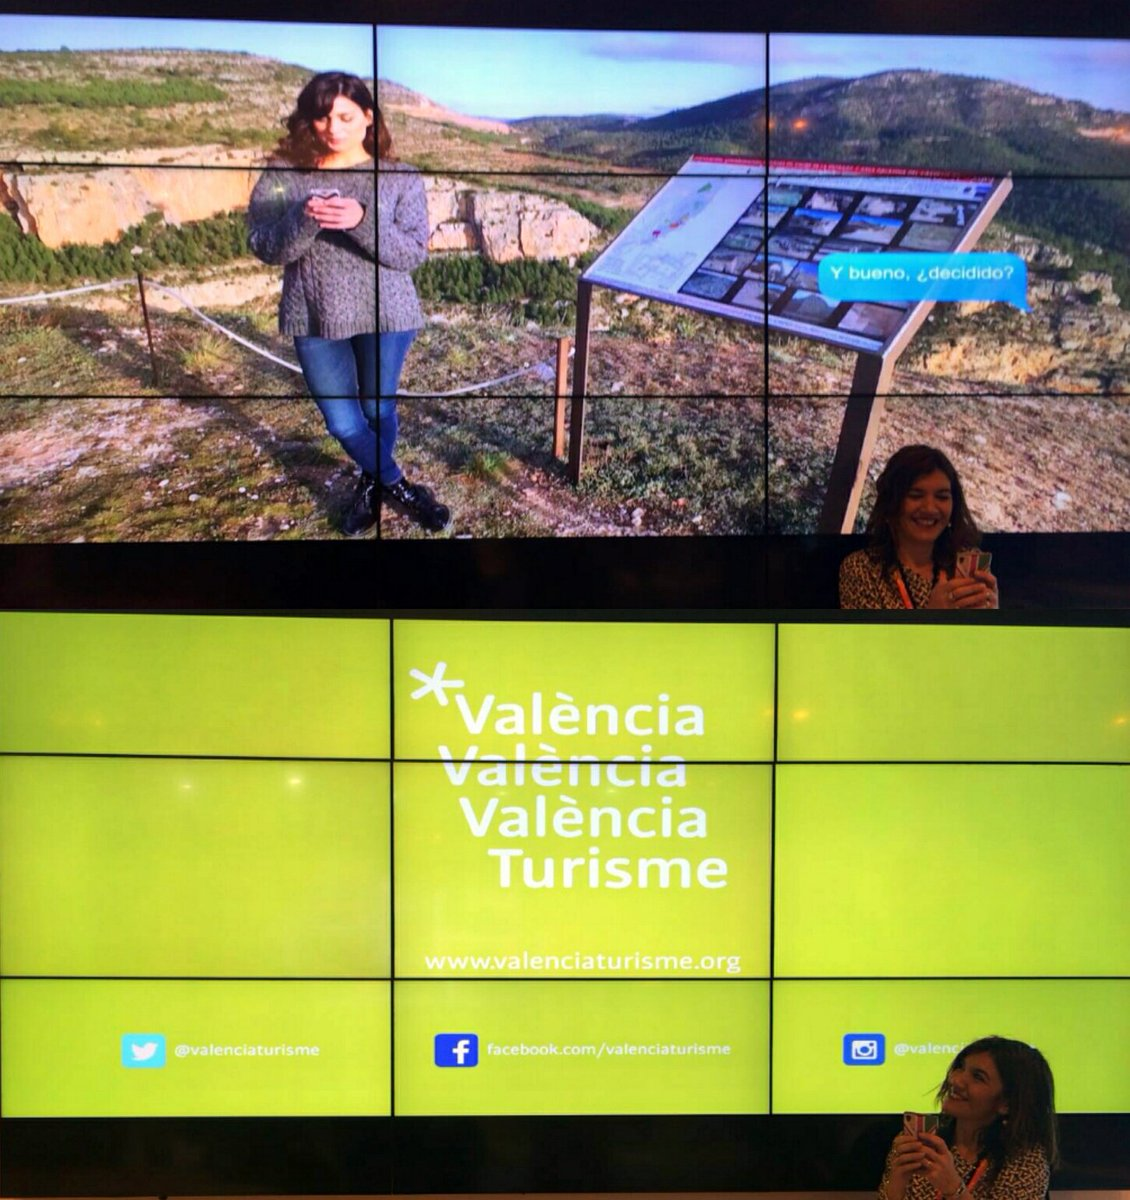 Así vimos la nueva marca-territorio de #valenciaturisme en #Fitur2016, con @lasblogenpunto y @thekreativeroom https://t.co/lvkzr7Bgao